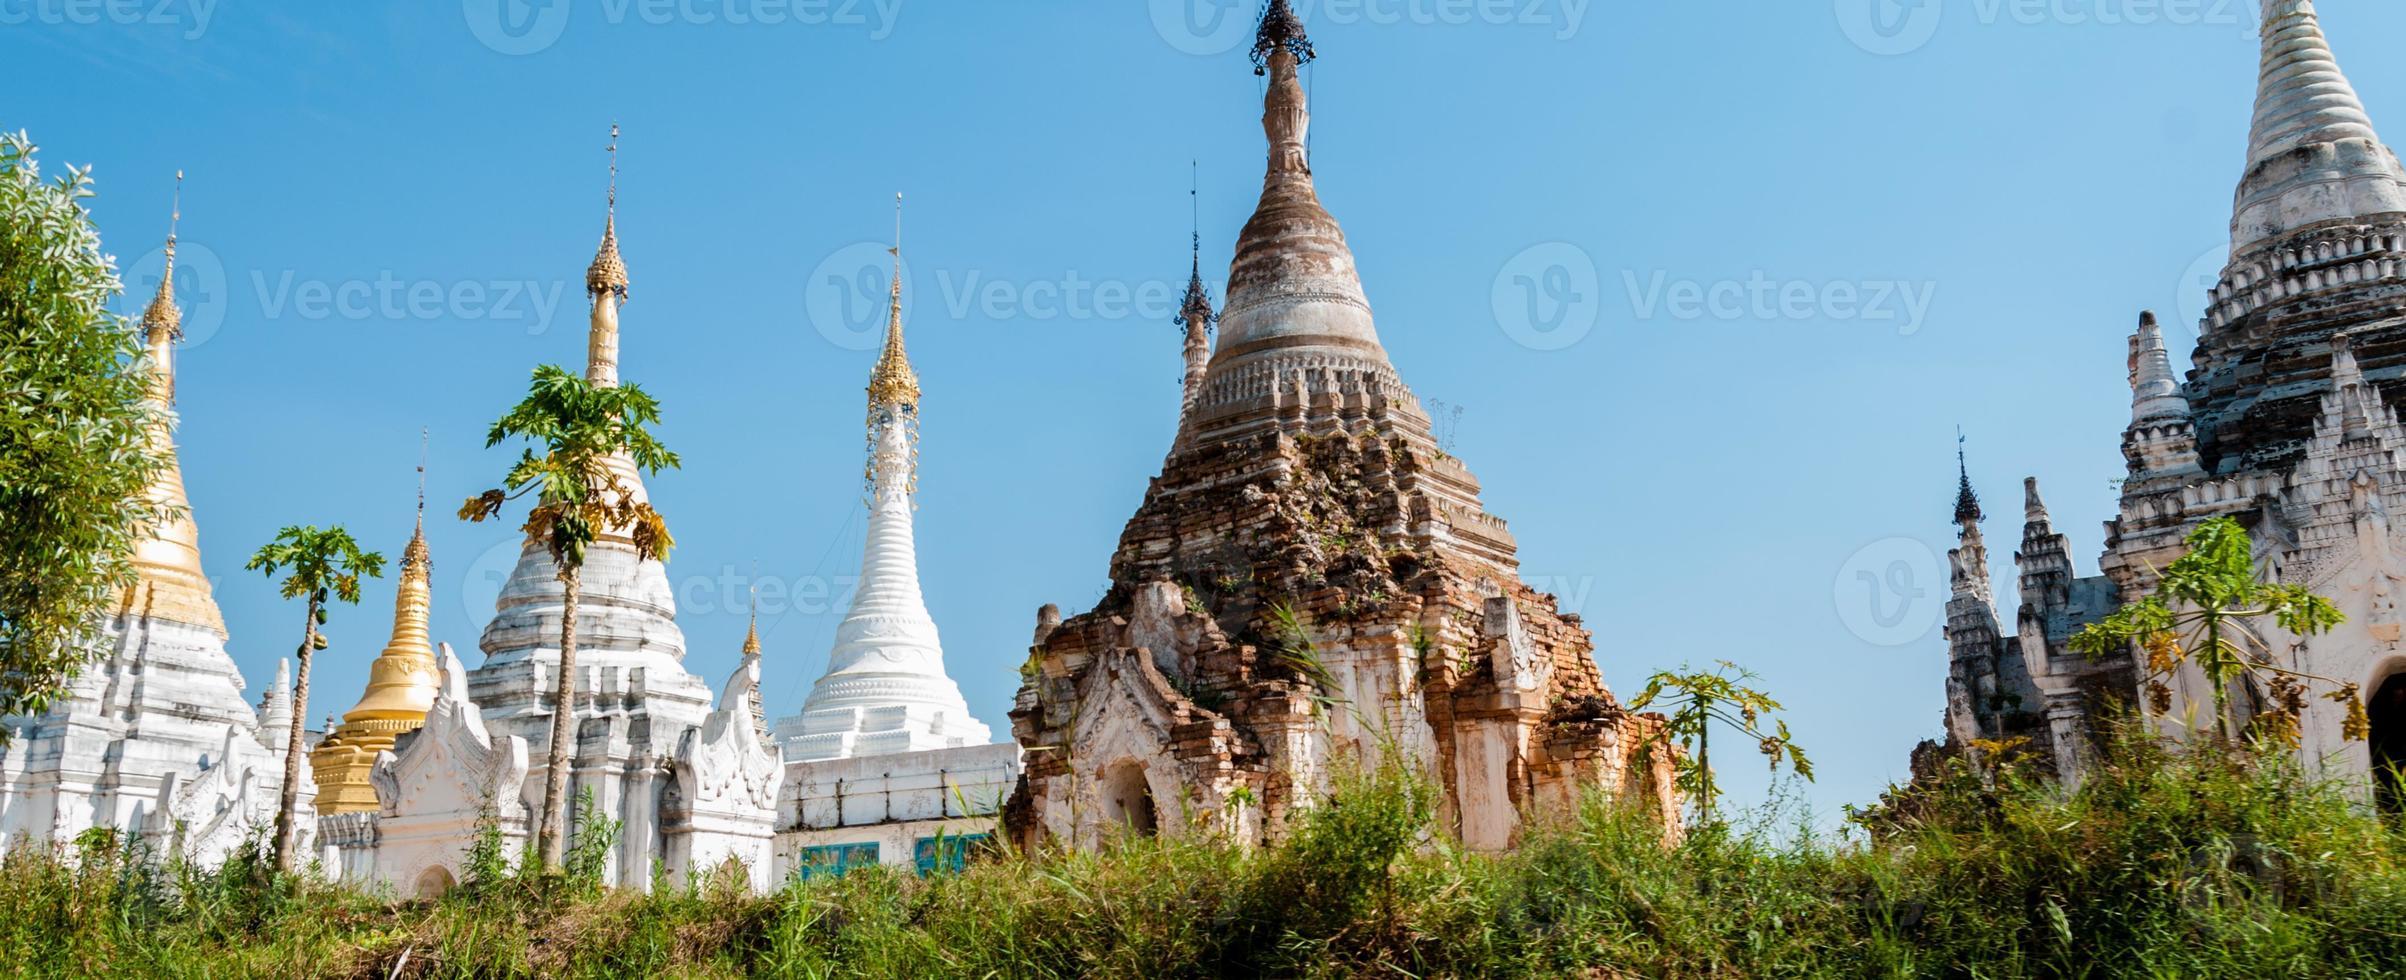 pagoda blanca bajo un cielo azul foto